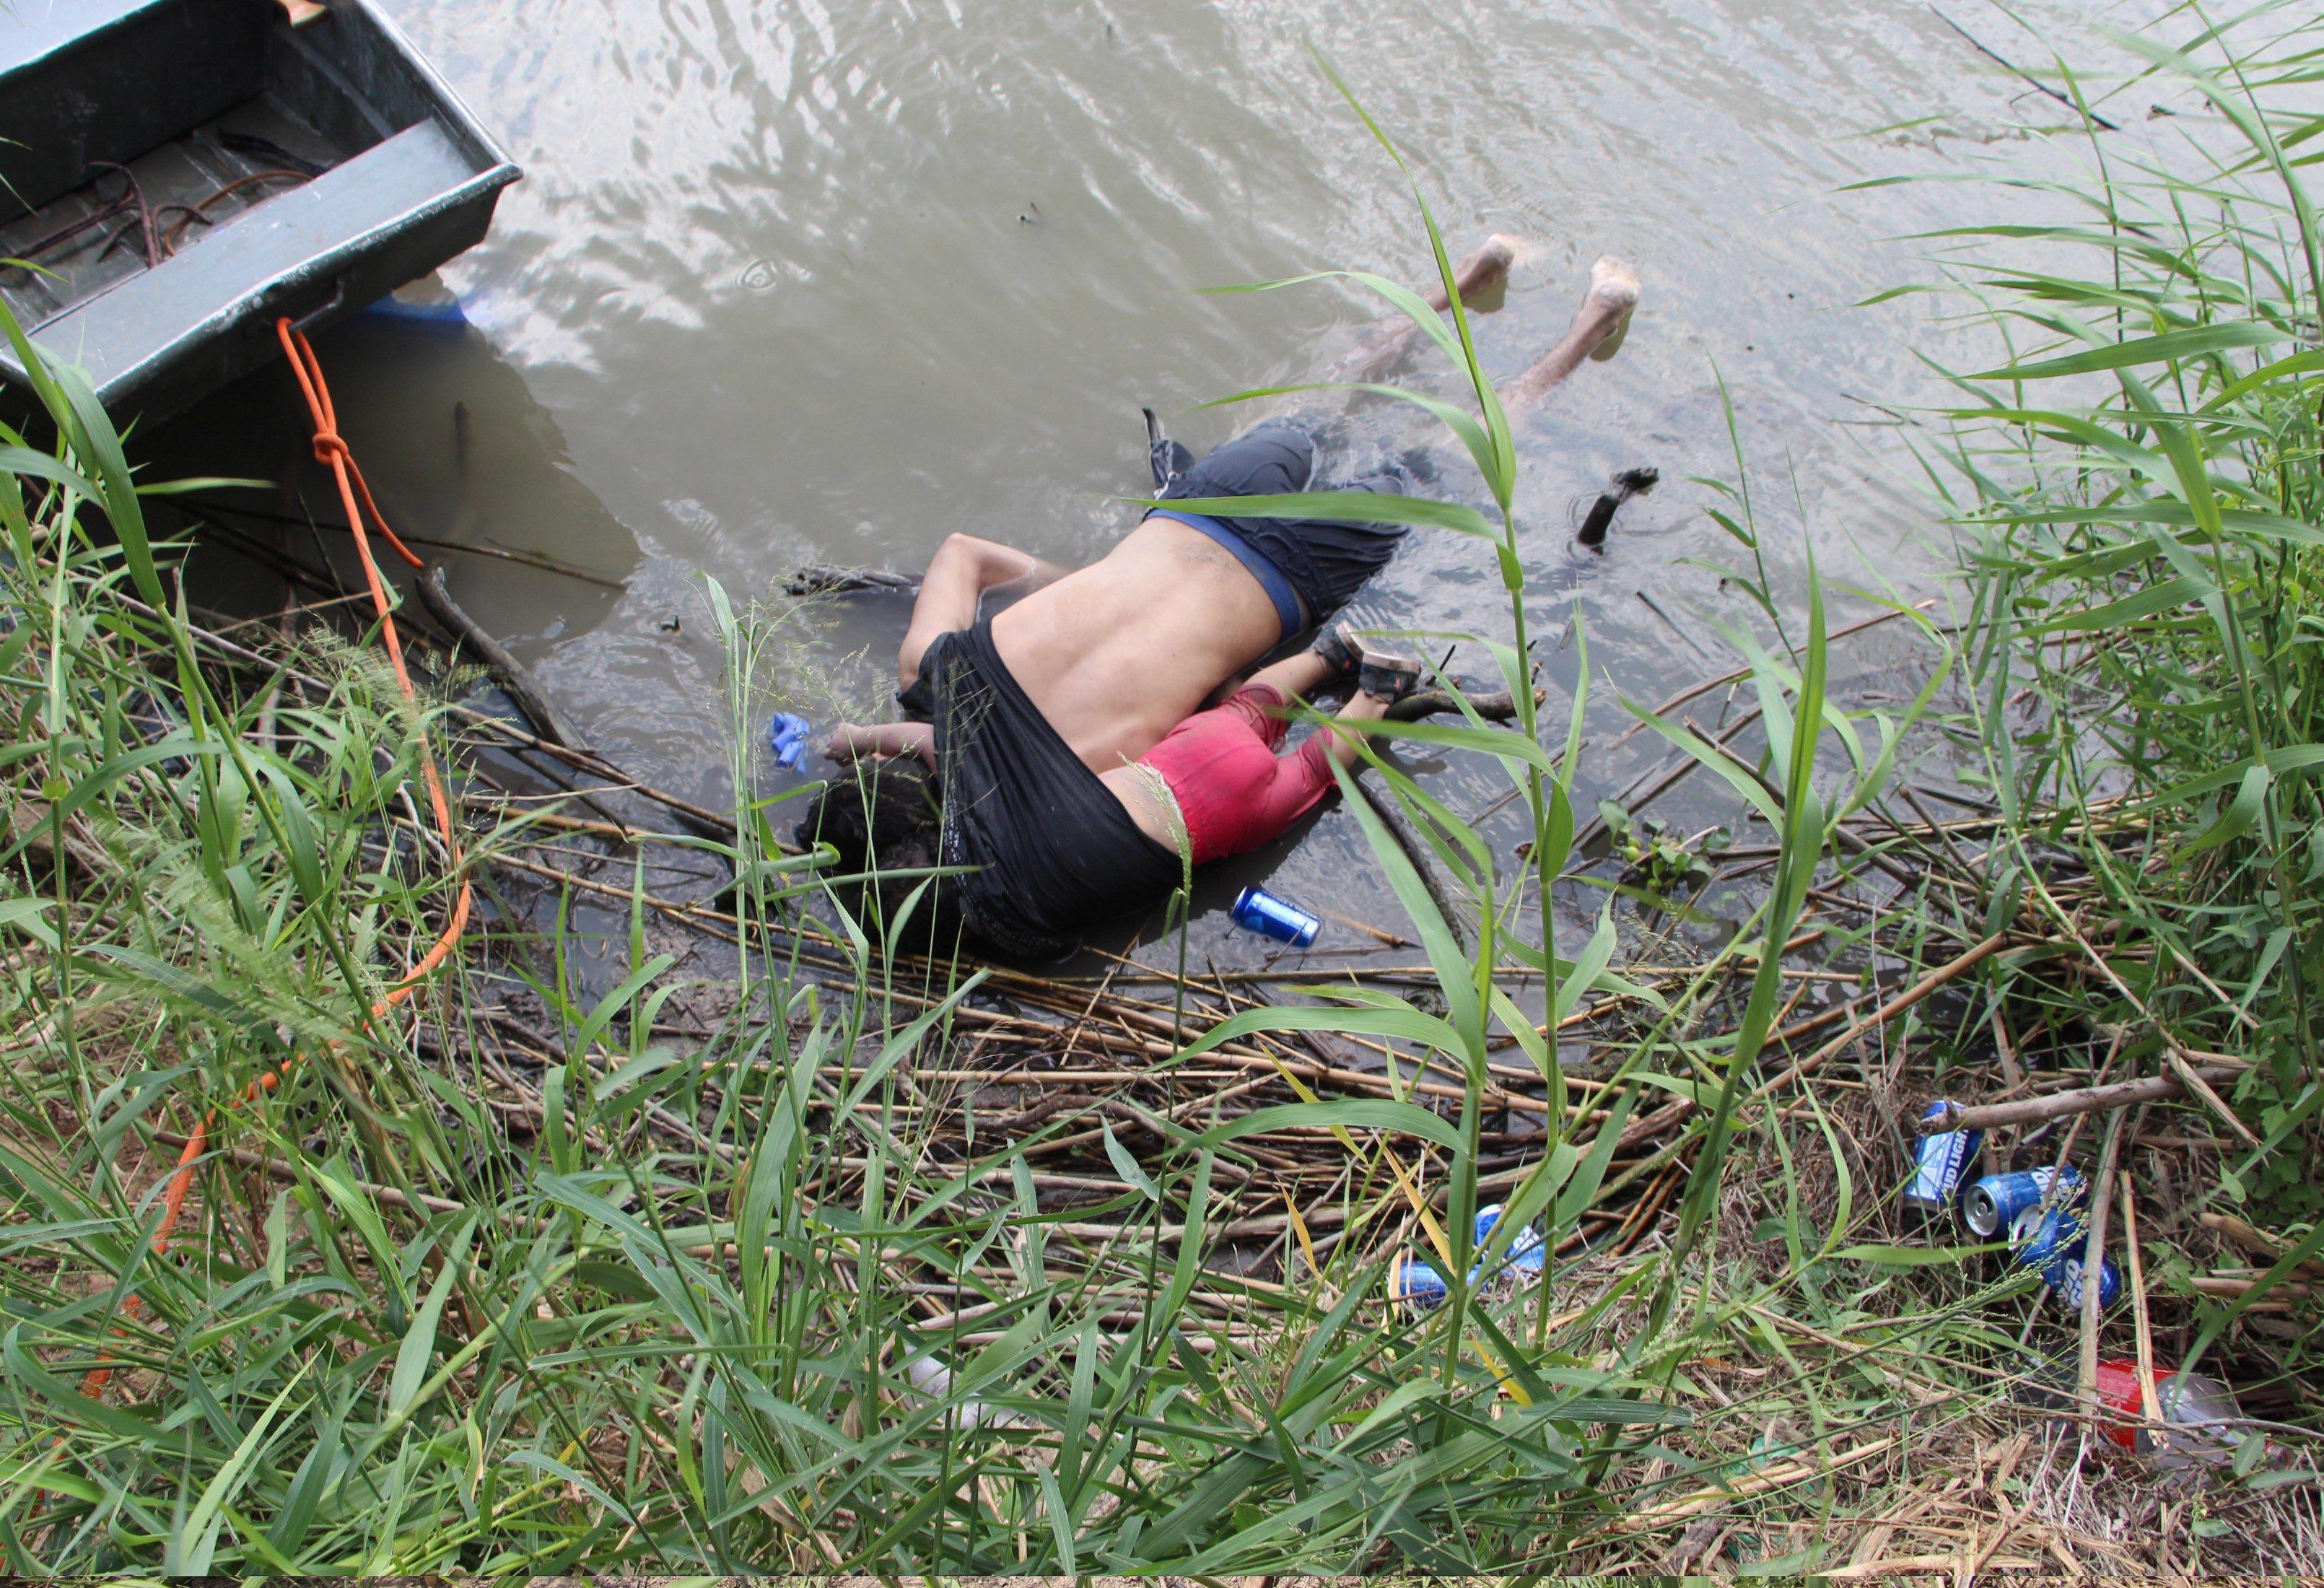 Los cuerpos sin vida de un presunto migrante y su bebé a una orilla del Río Bravo en Matamoros, frontera con EE.UU., en el estado de Tamaulipas (México). Foto de EFE/ Abraham Pineda-Jácome.